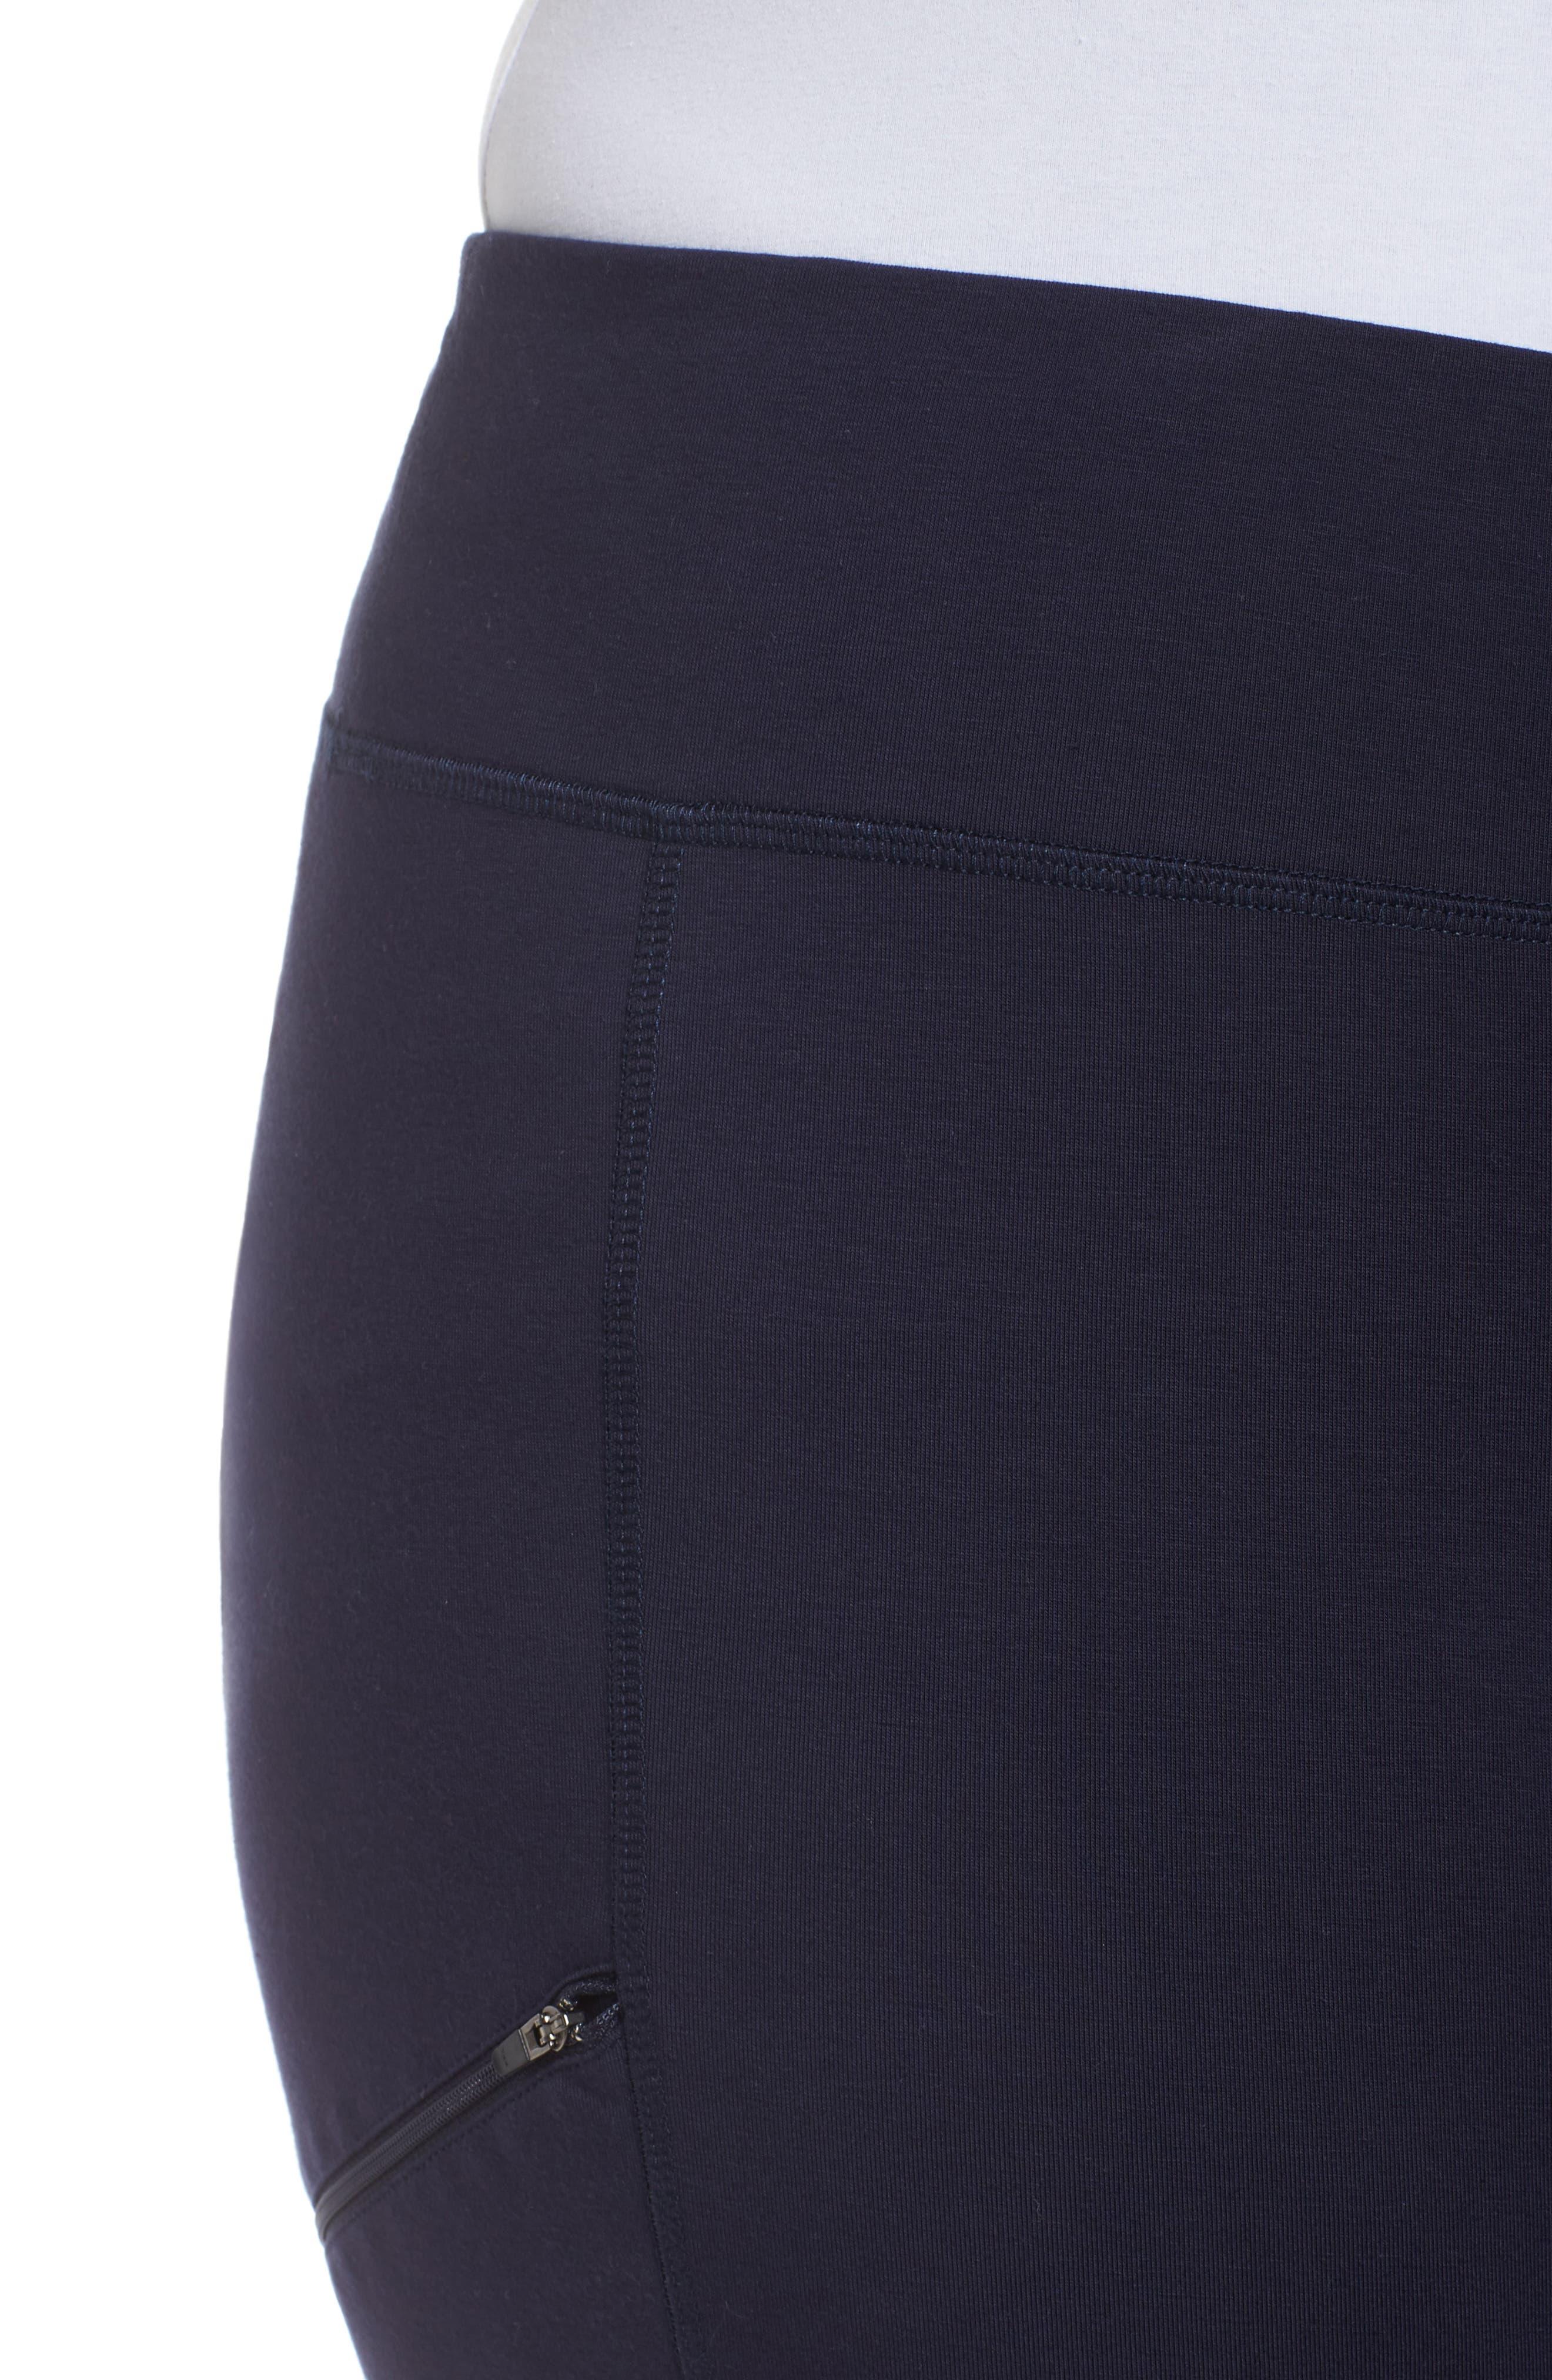 Skinny Knit Pants,                             Alternate thumbnail 4, color,                             419